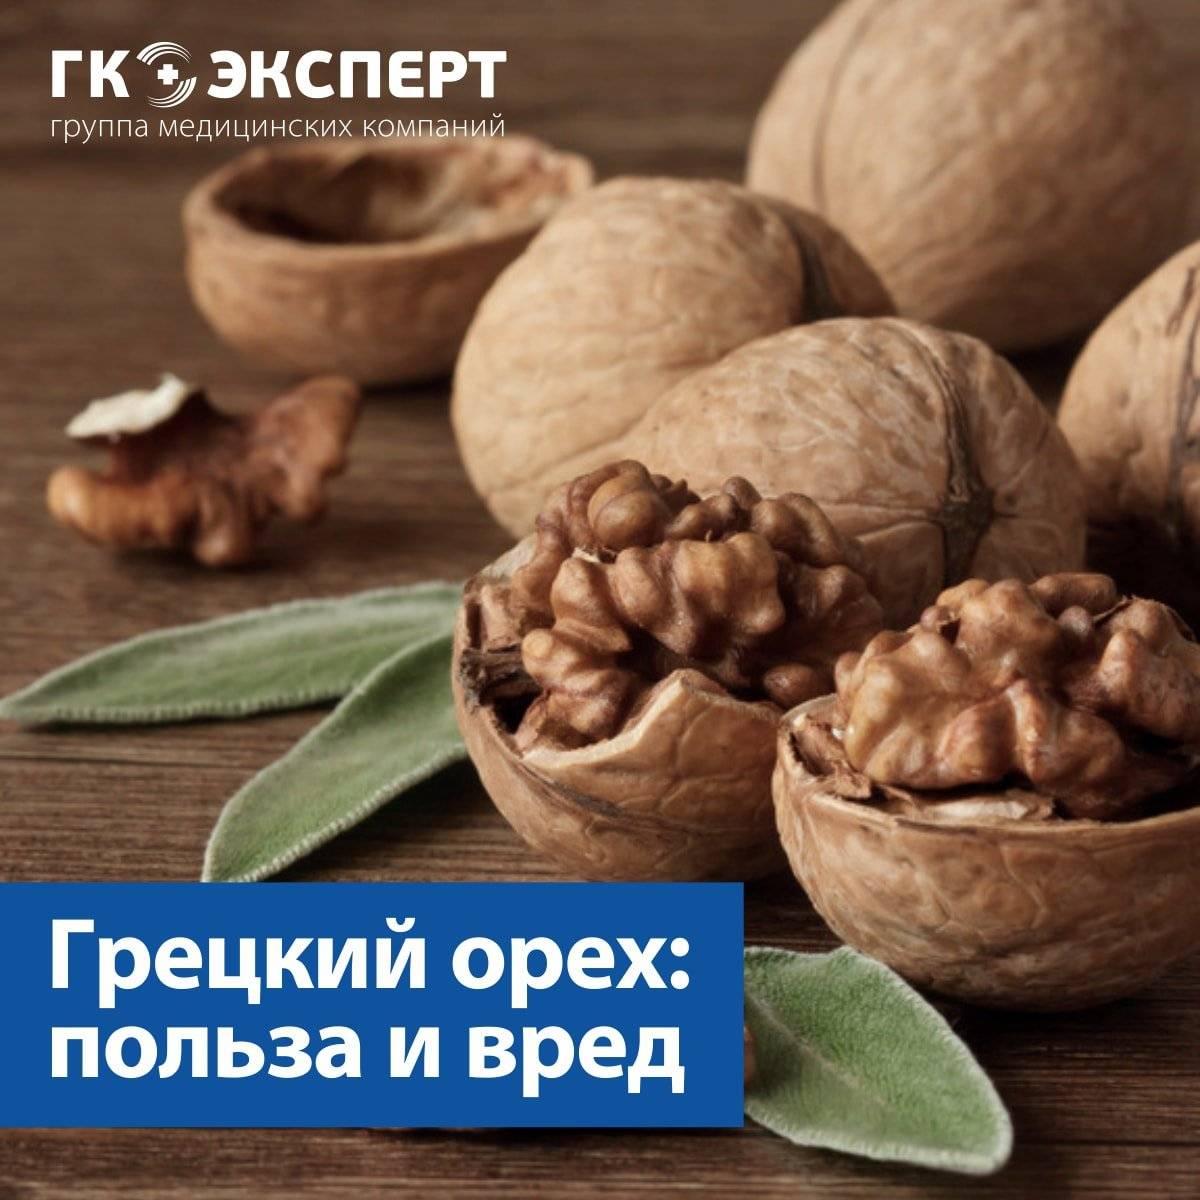 Грецкие орехи: польза и вред для организма, для здоровья, сколько нужно съесть